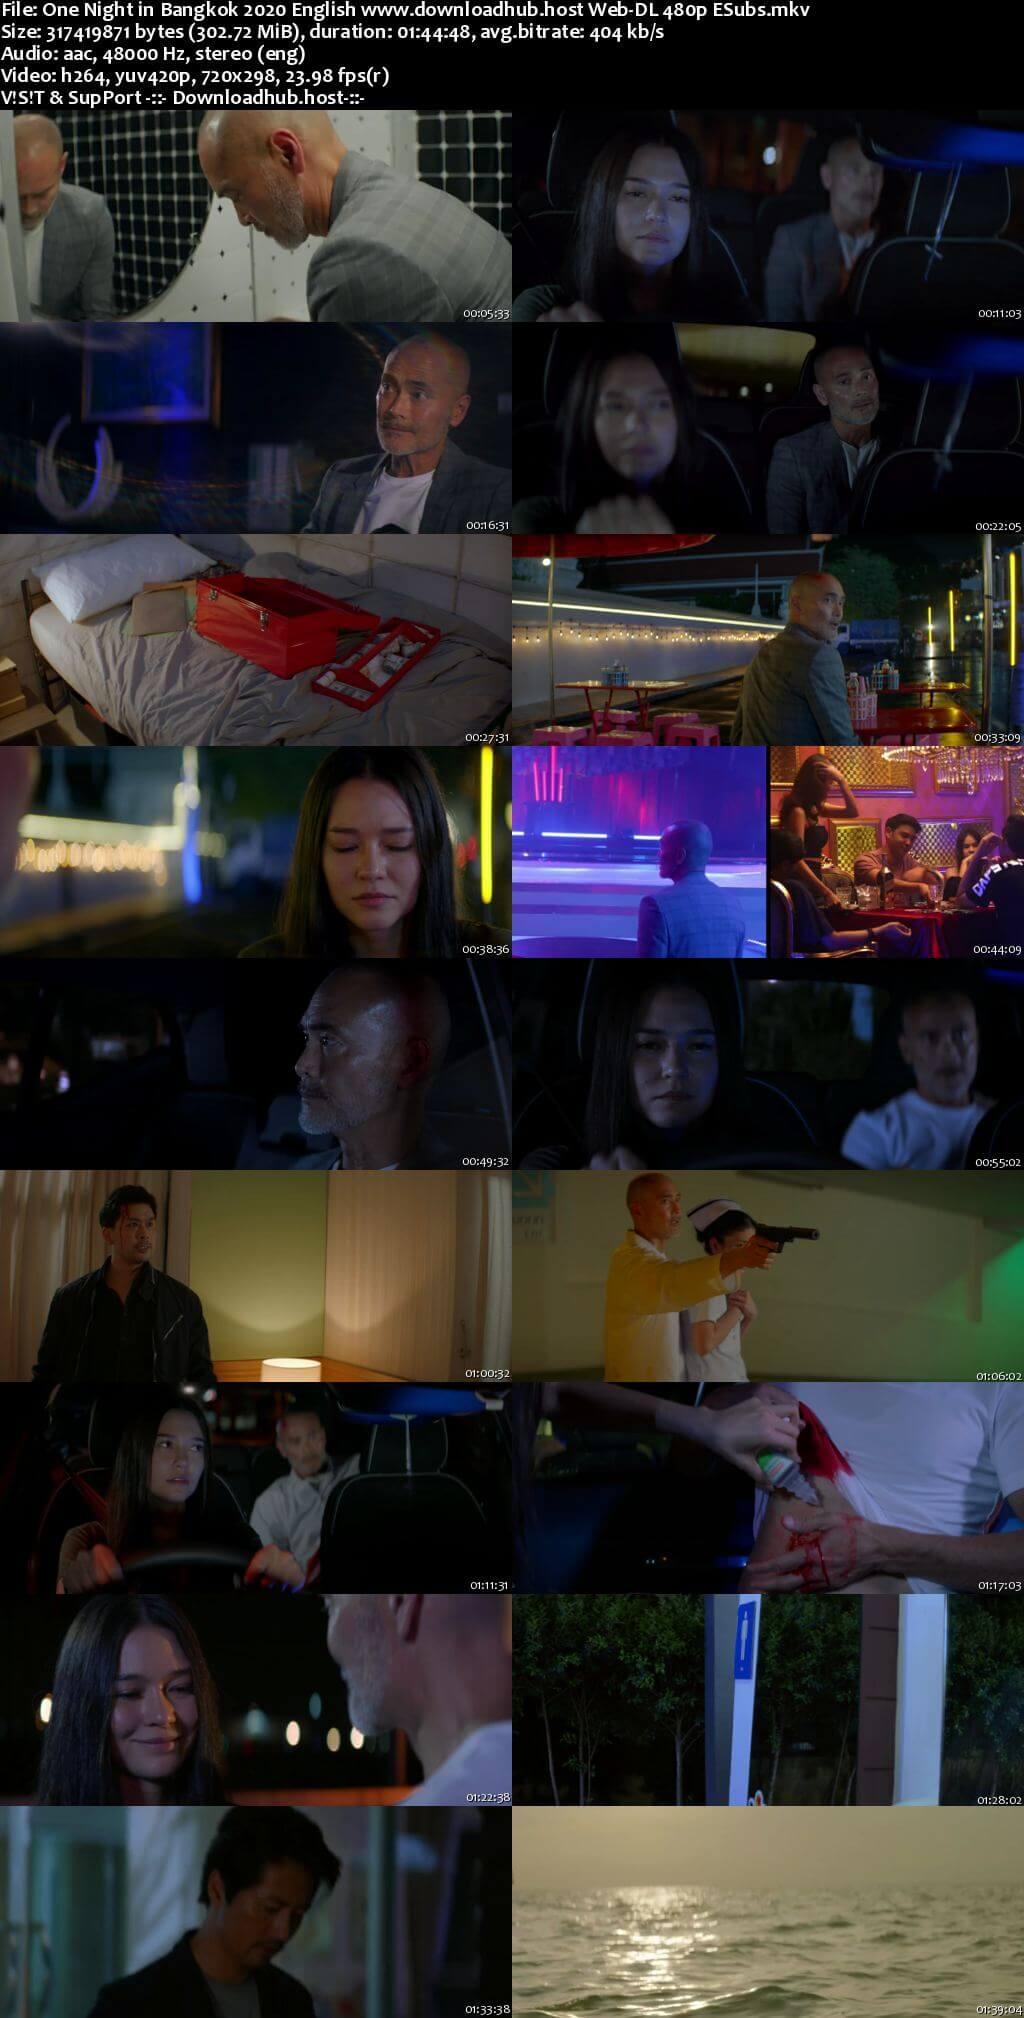 One Night in Bangkok 2020 English 300MB Web-DL 480p ESubs